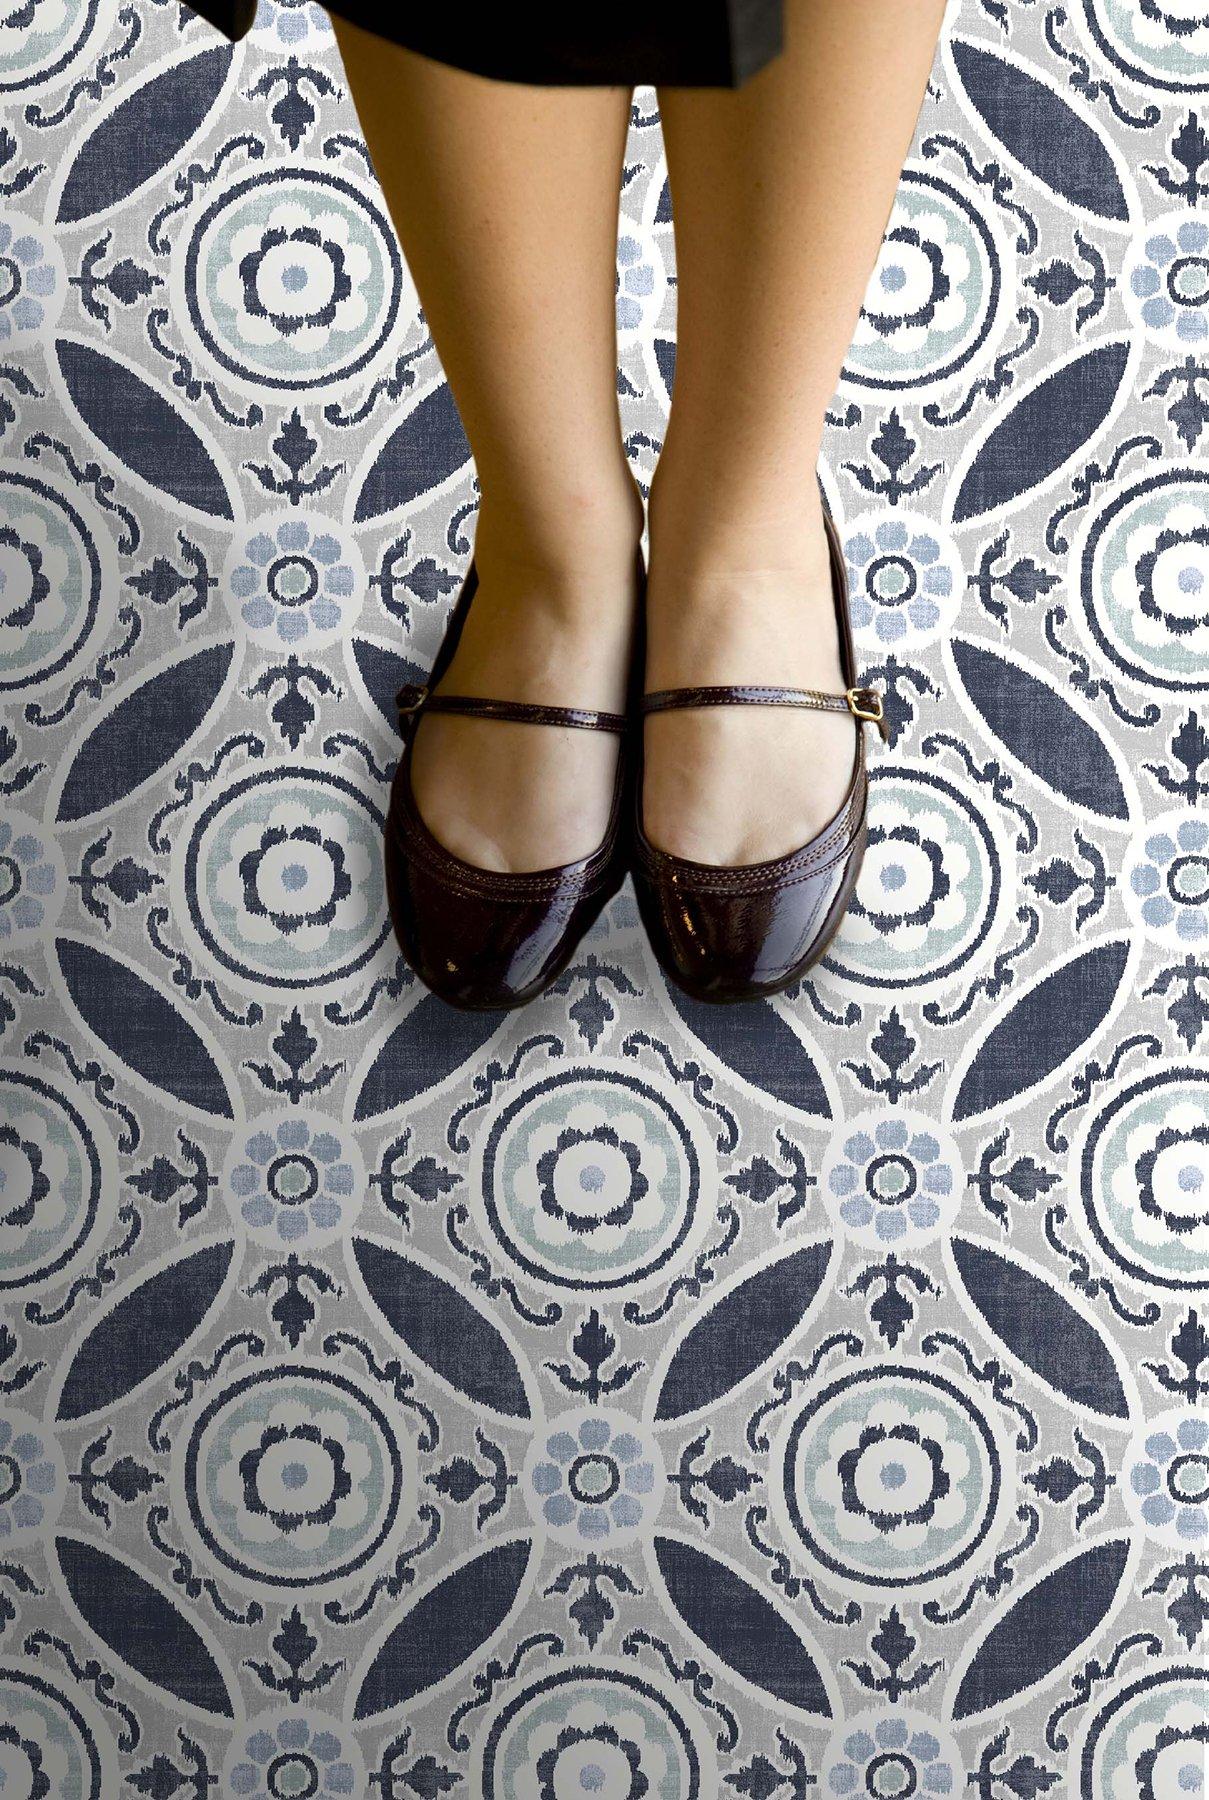 FloorPops FP2484 Sienna Peel & Stick Tiles Floor Decal, Blue by FloorPops (Image #2)